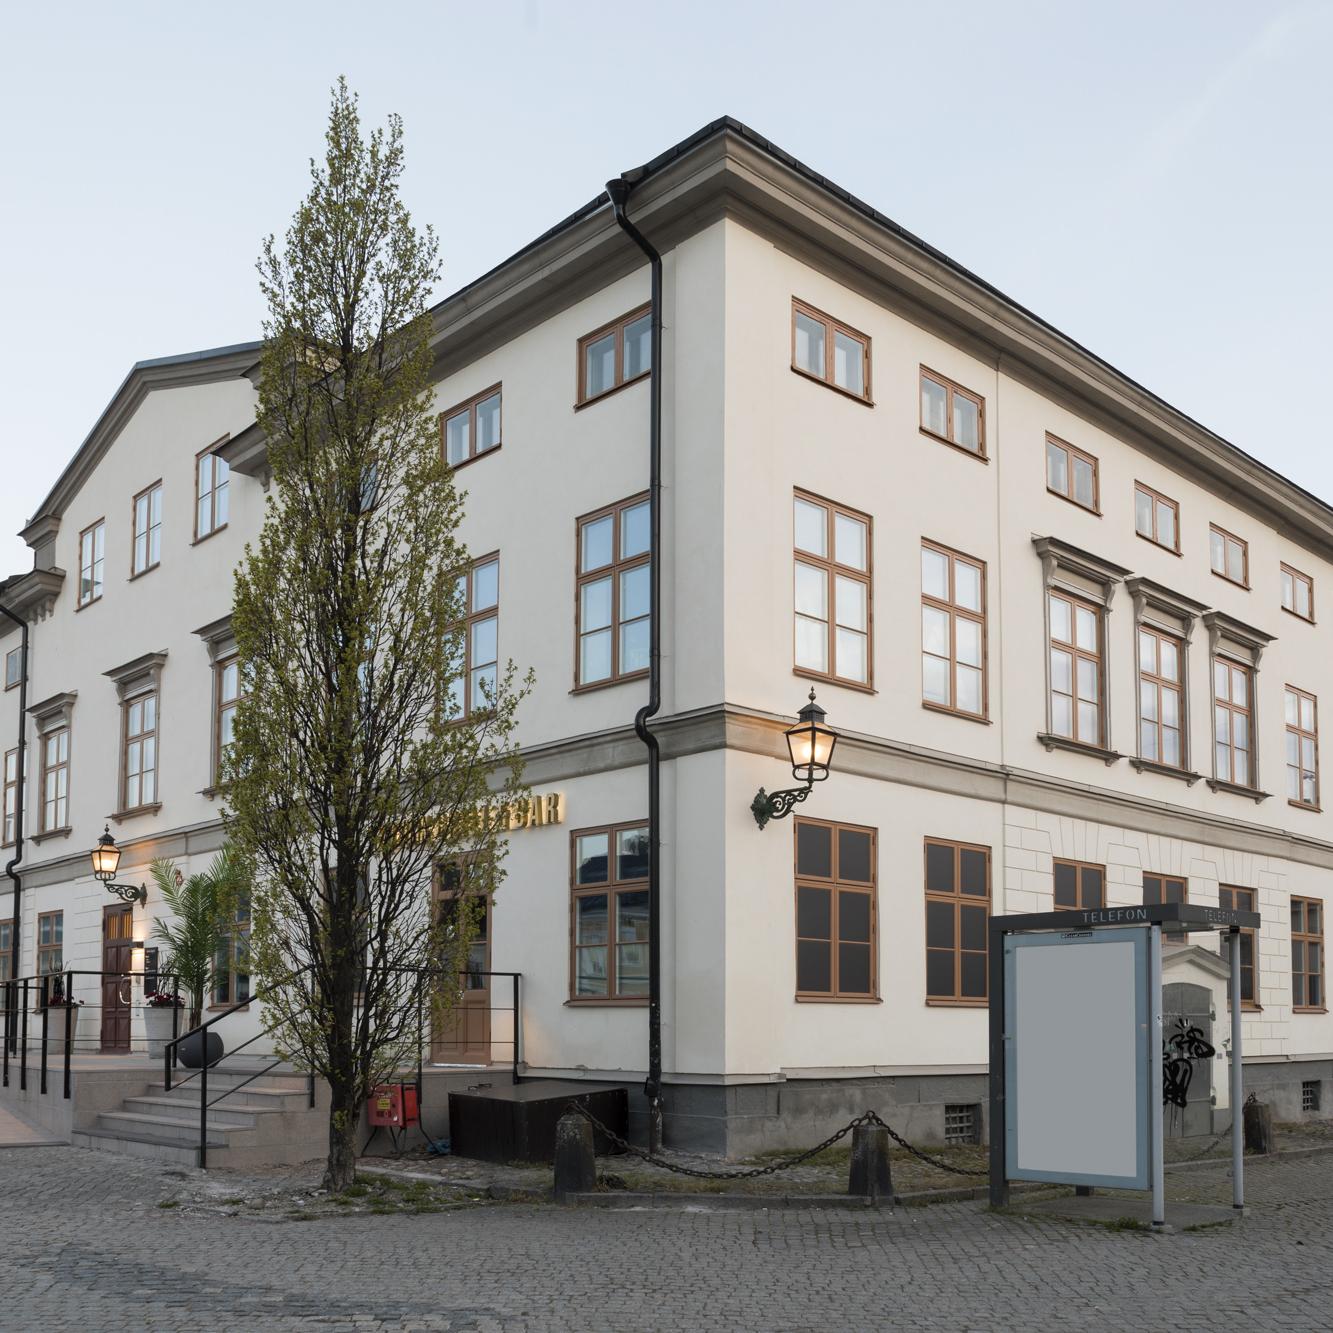 Rådstugan, Norrköping